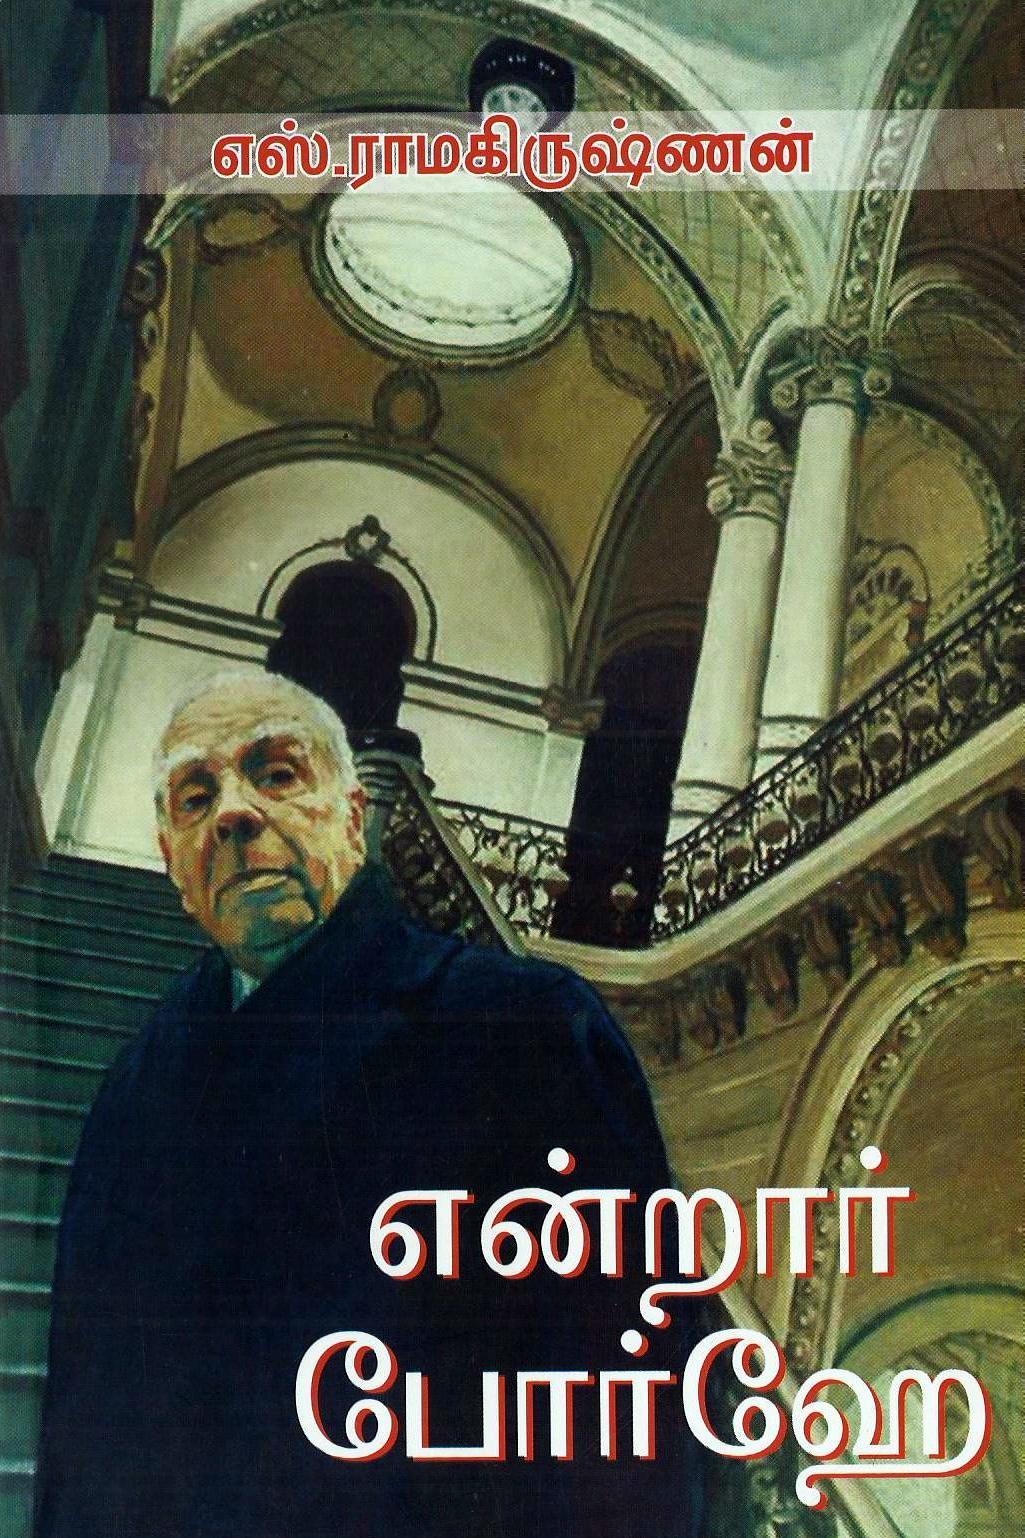 என்றார் போர்ஹே - Endrar Borges - Panuval.com - Online ...